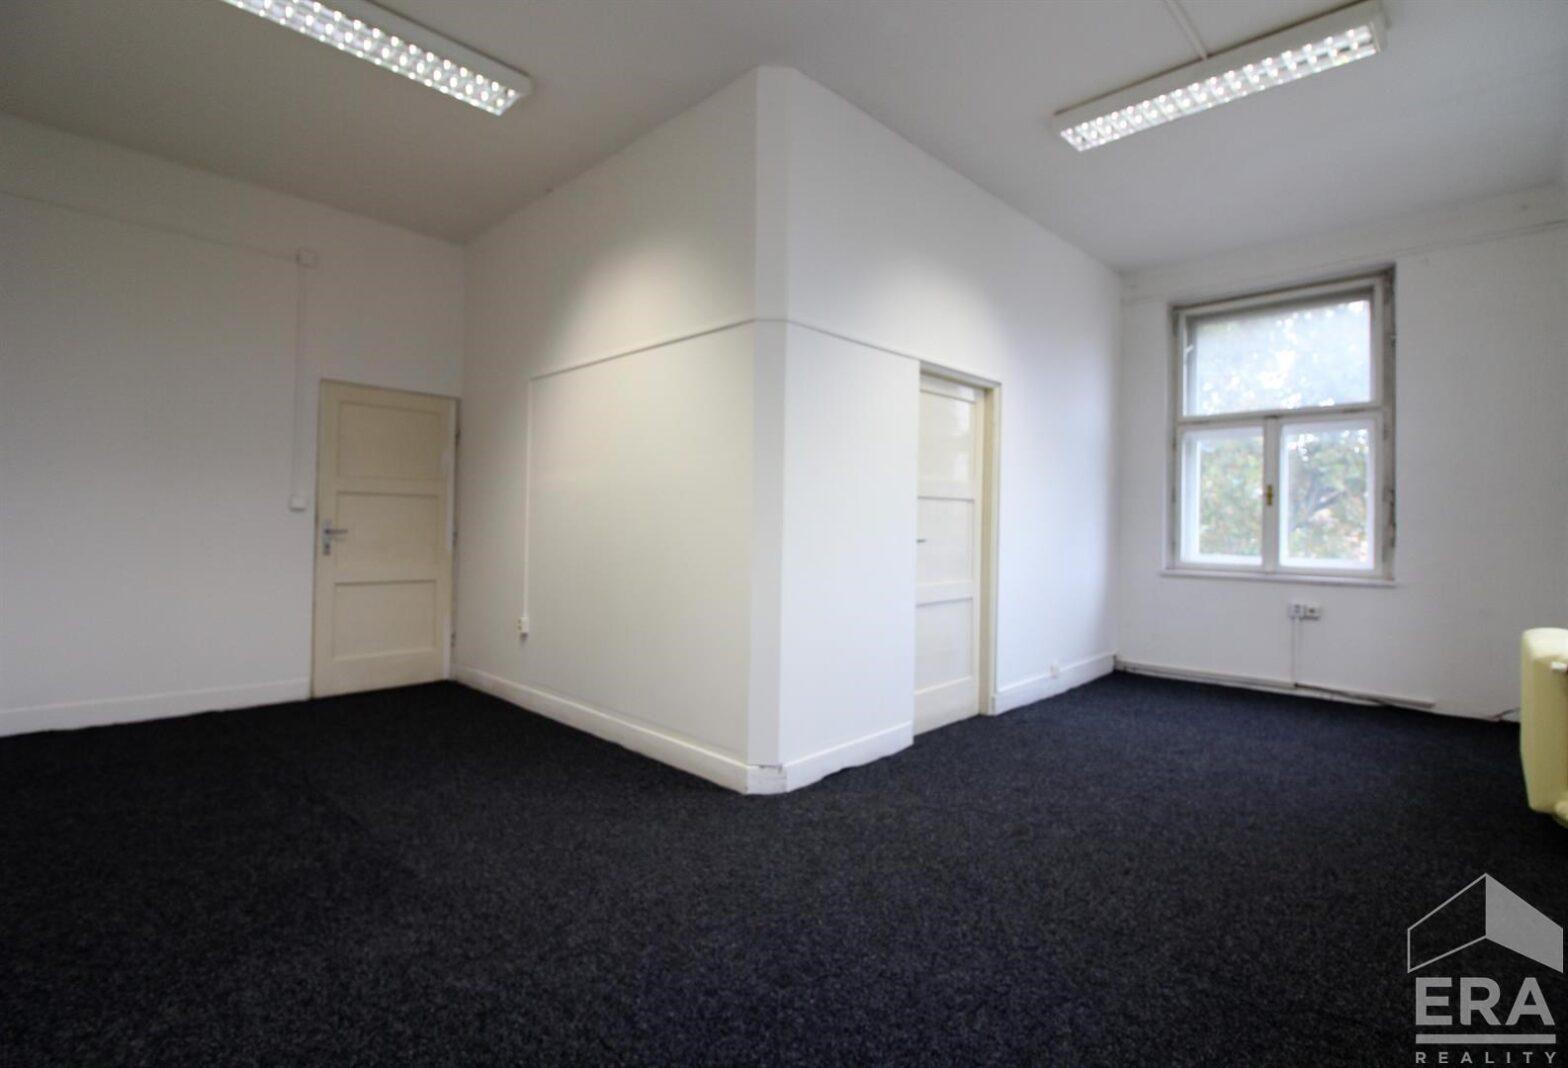 Pronájem kanceláří 43,8m2 (23,8m2+20m2), Dvořákova 13, Brno